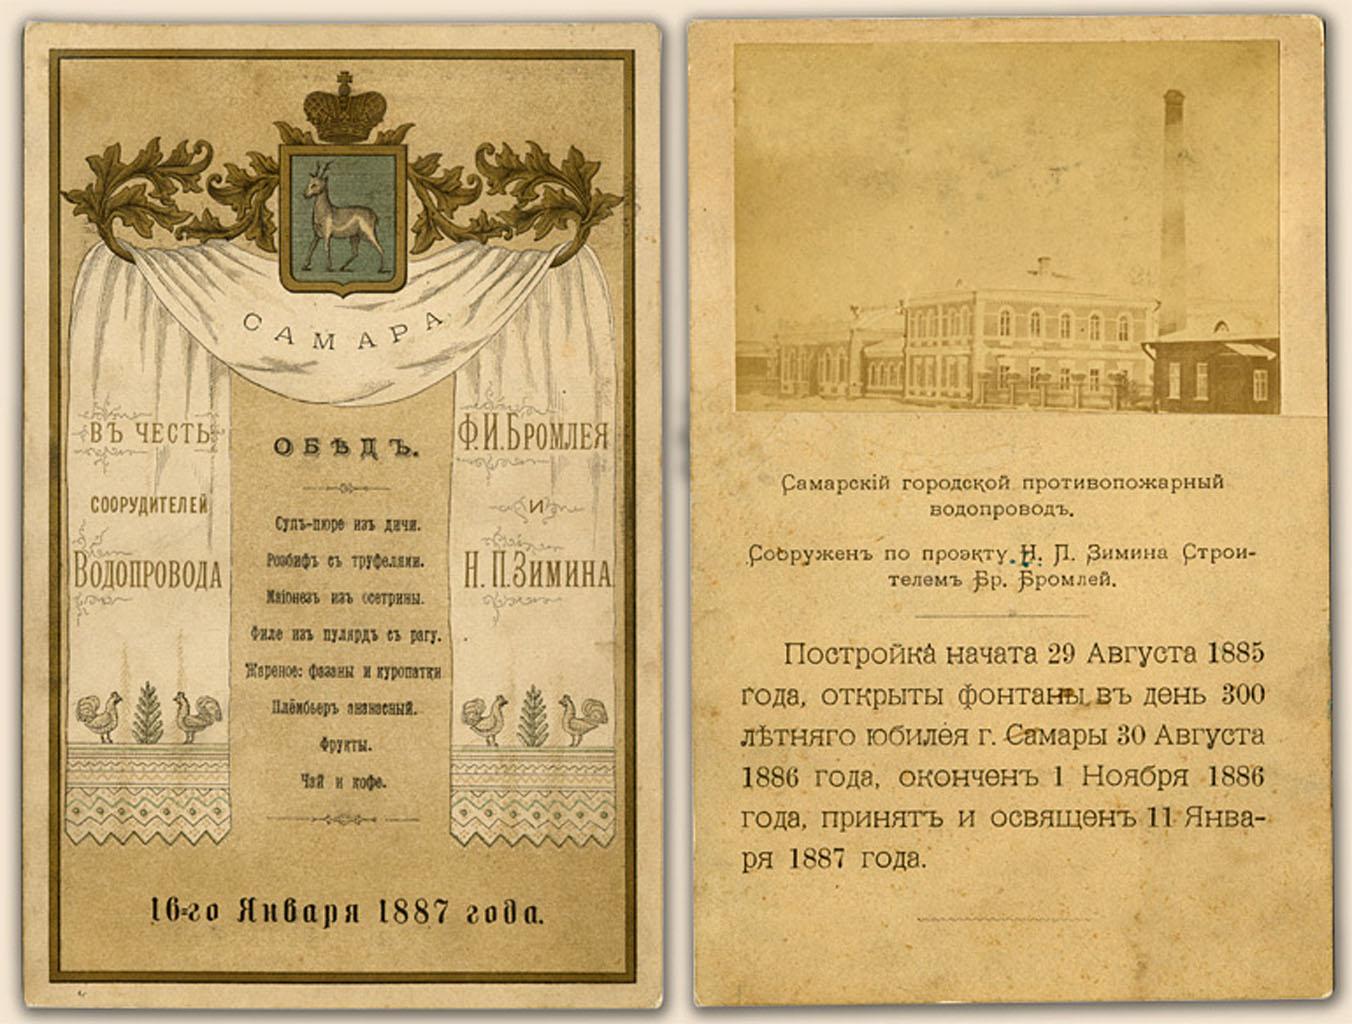 0_919e8_bc289250_origМеню обеда 16 января 1887 г. в честь соорудителей водопровода Н.П.Зимина и Ф.И.Бромлея.